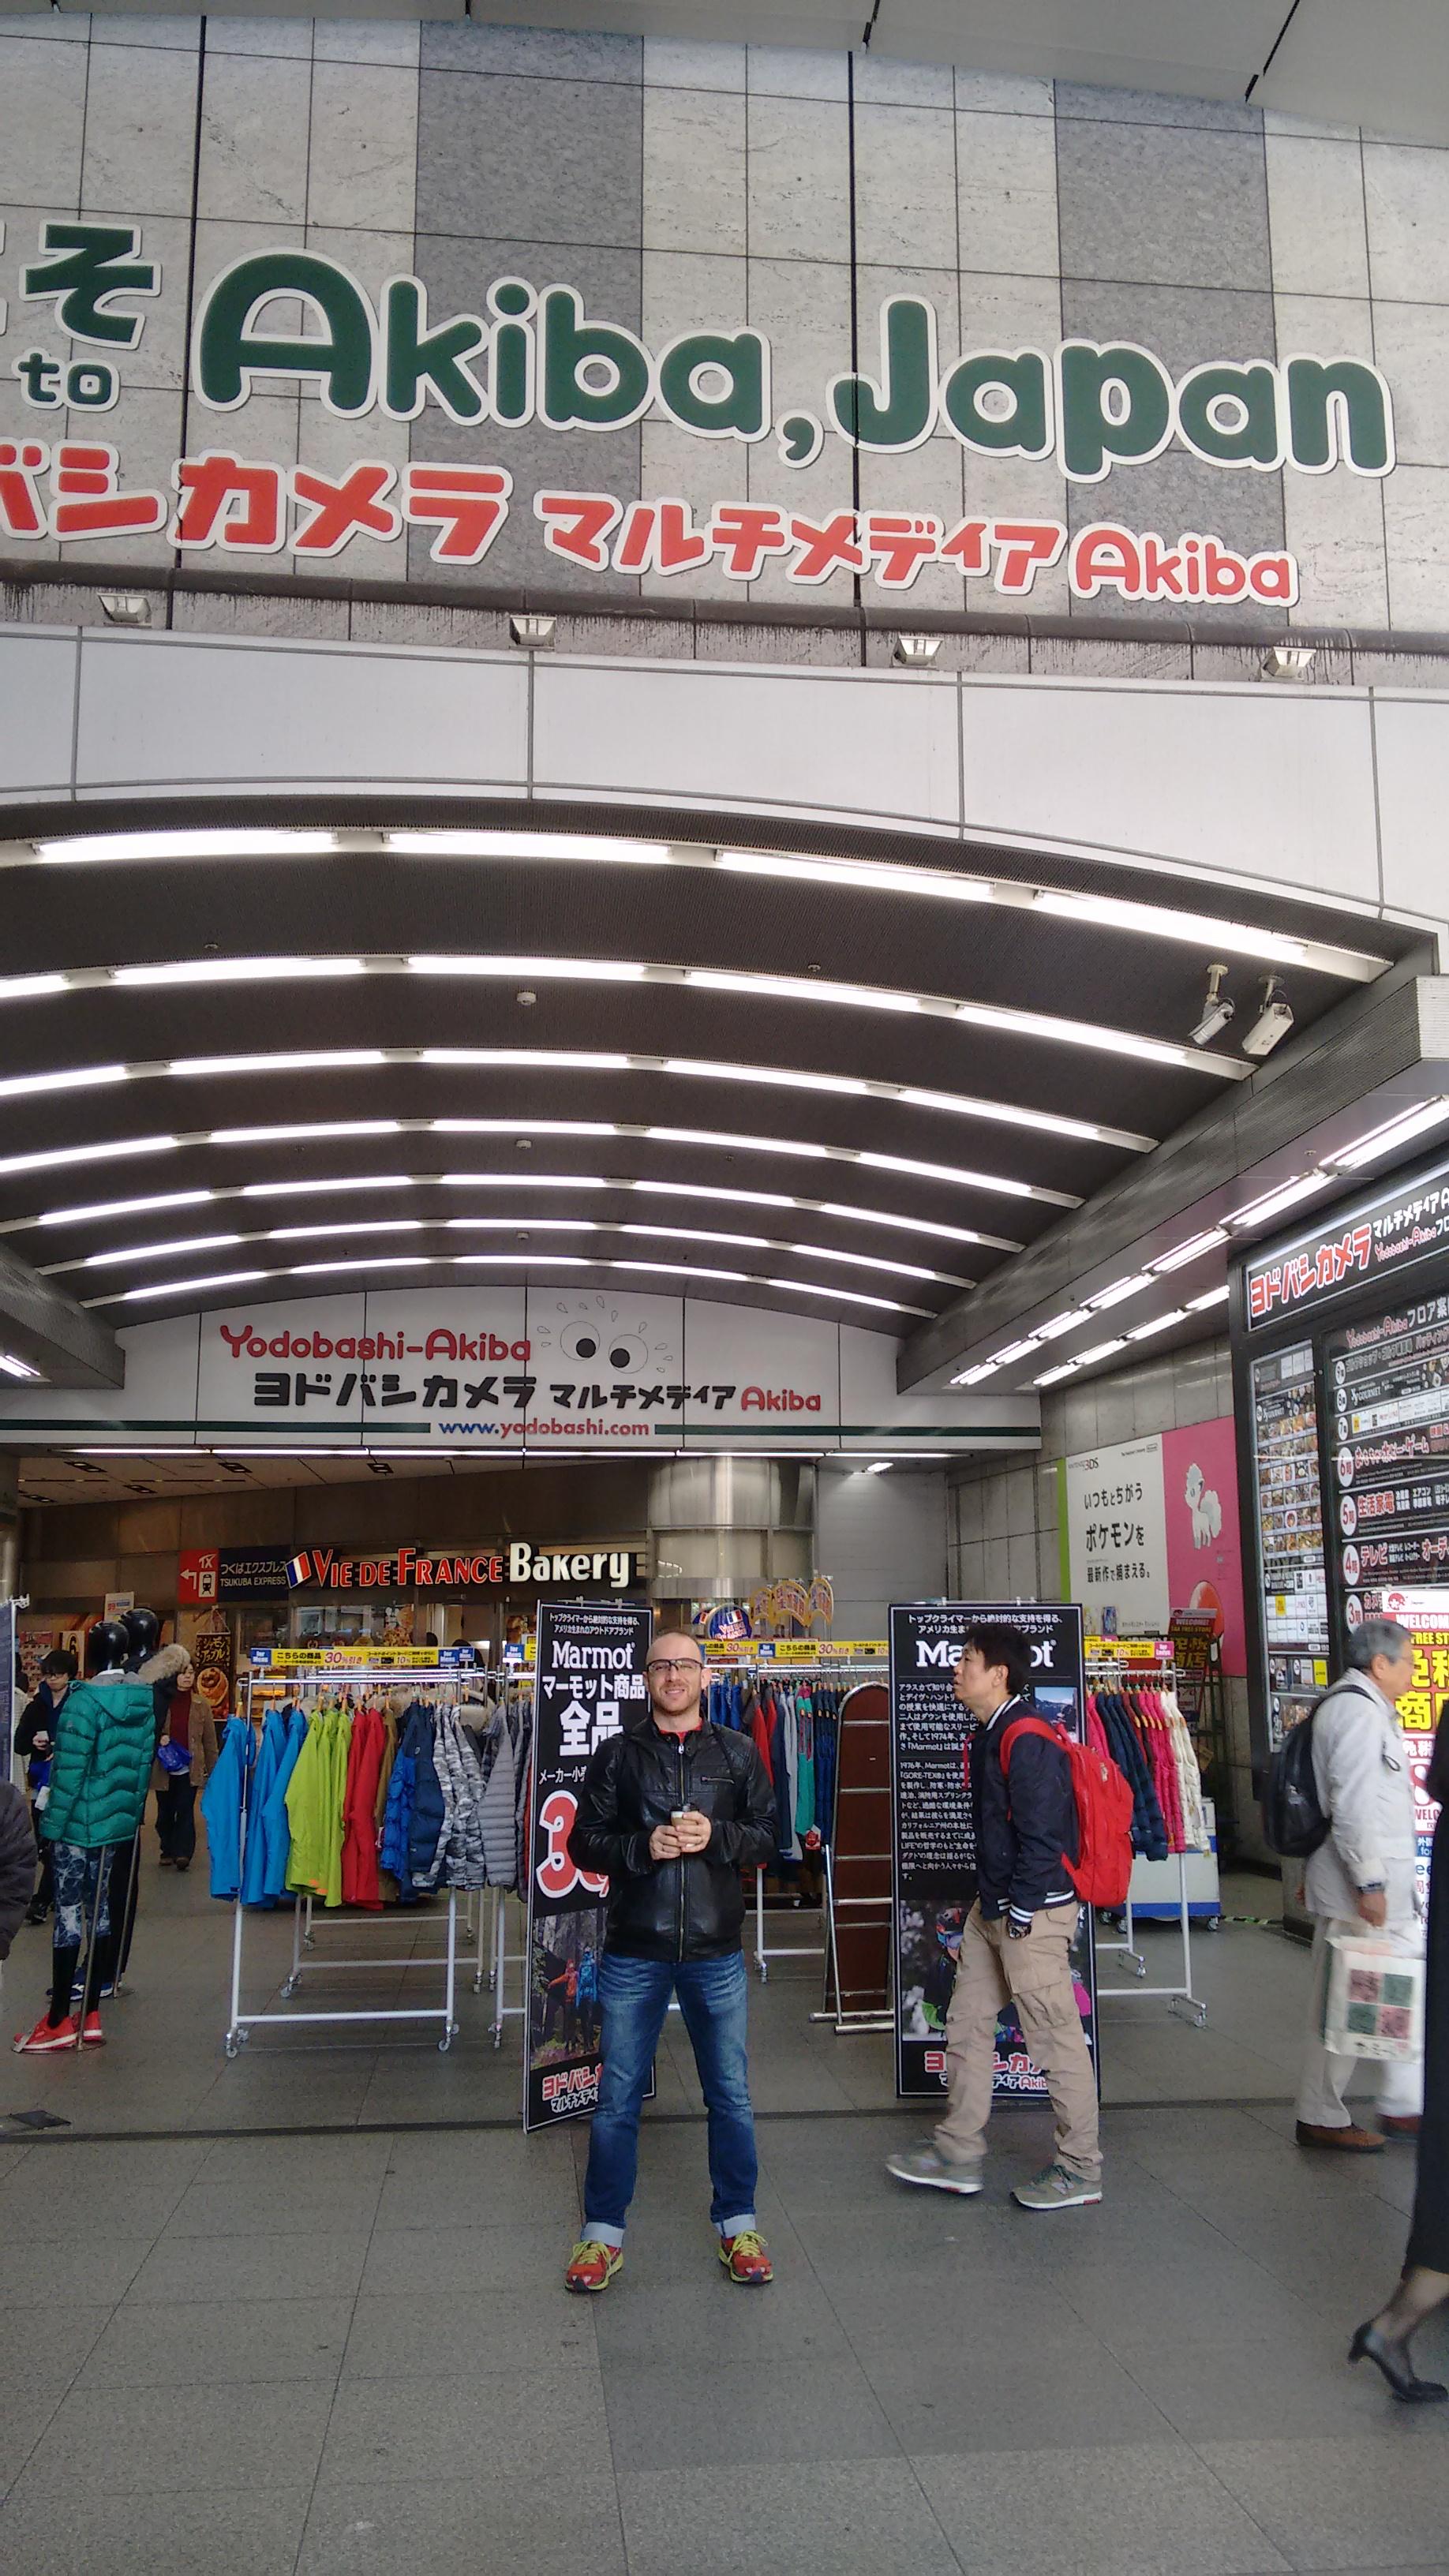 Quimerus en Japón; Akihabara